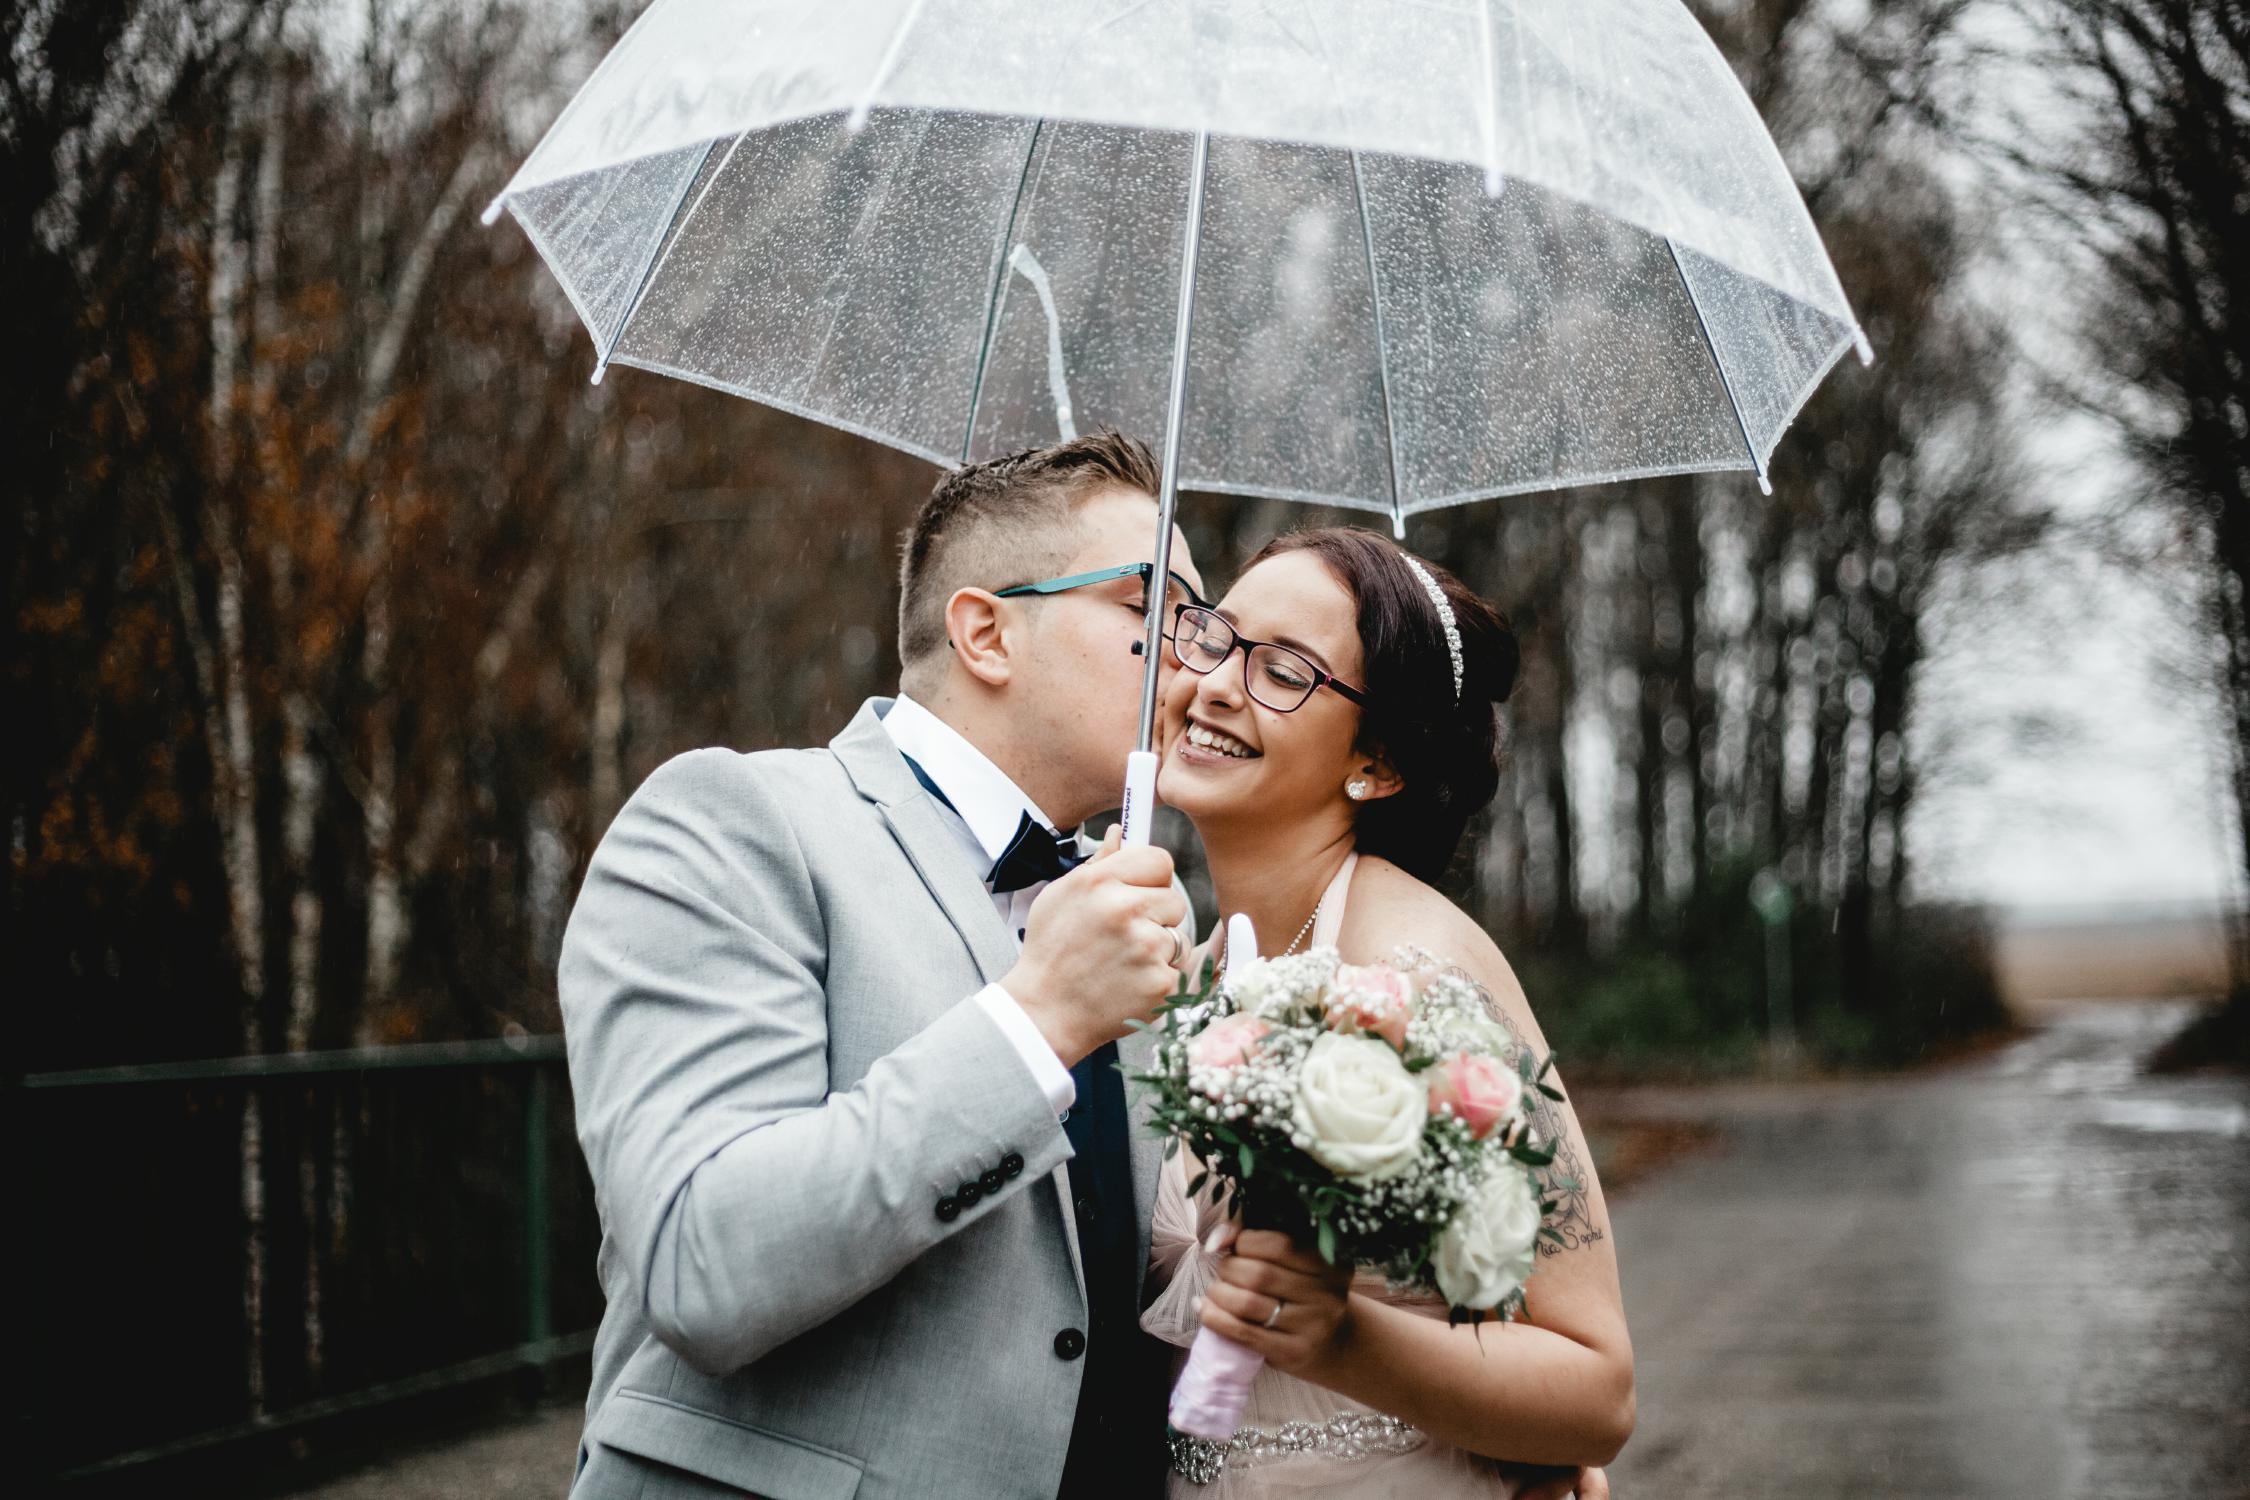 hochzeit-kuss-regenschirm